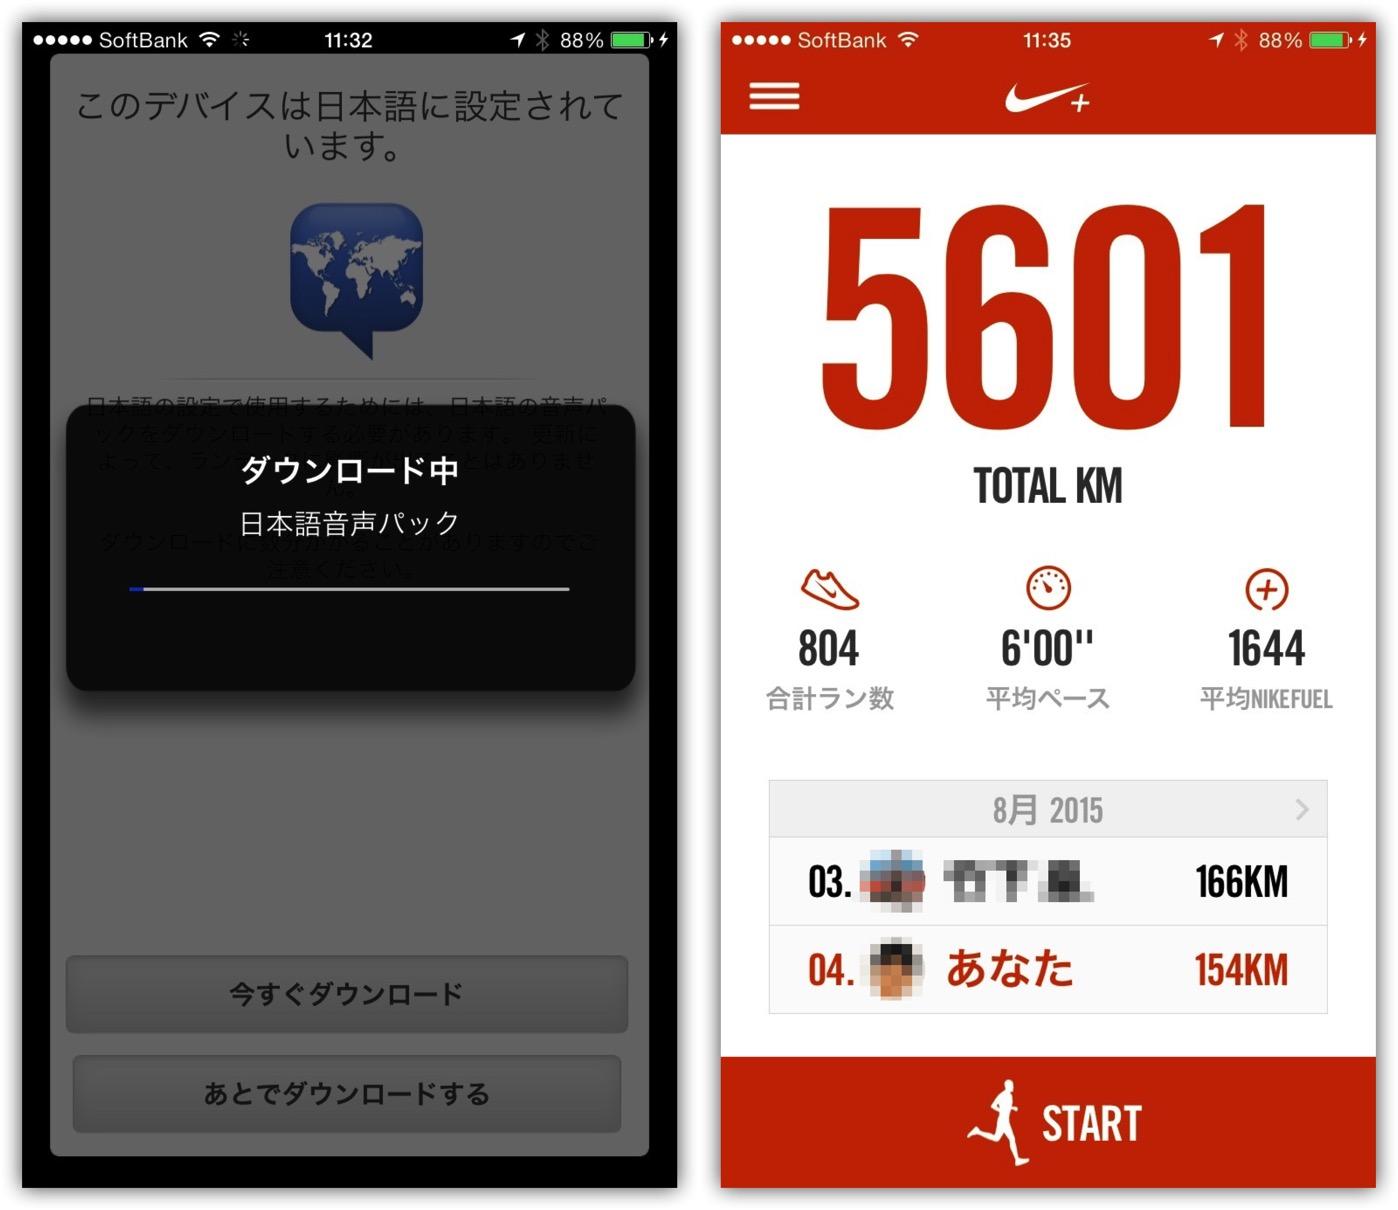 NIKE+Running-6